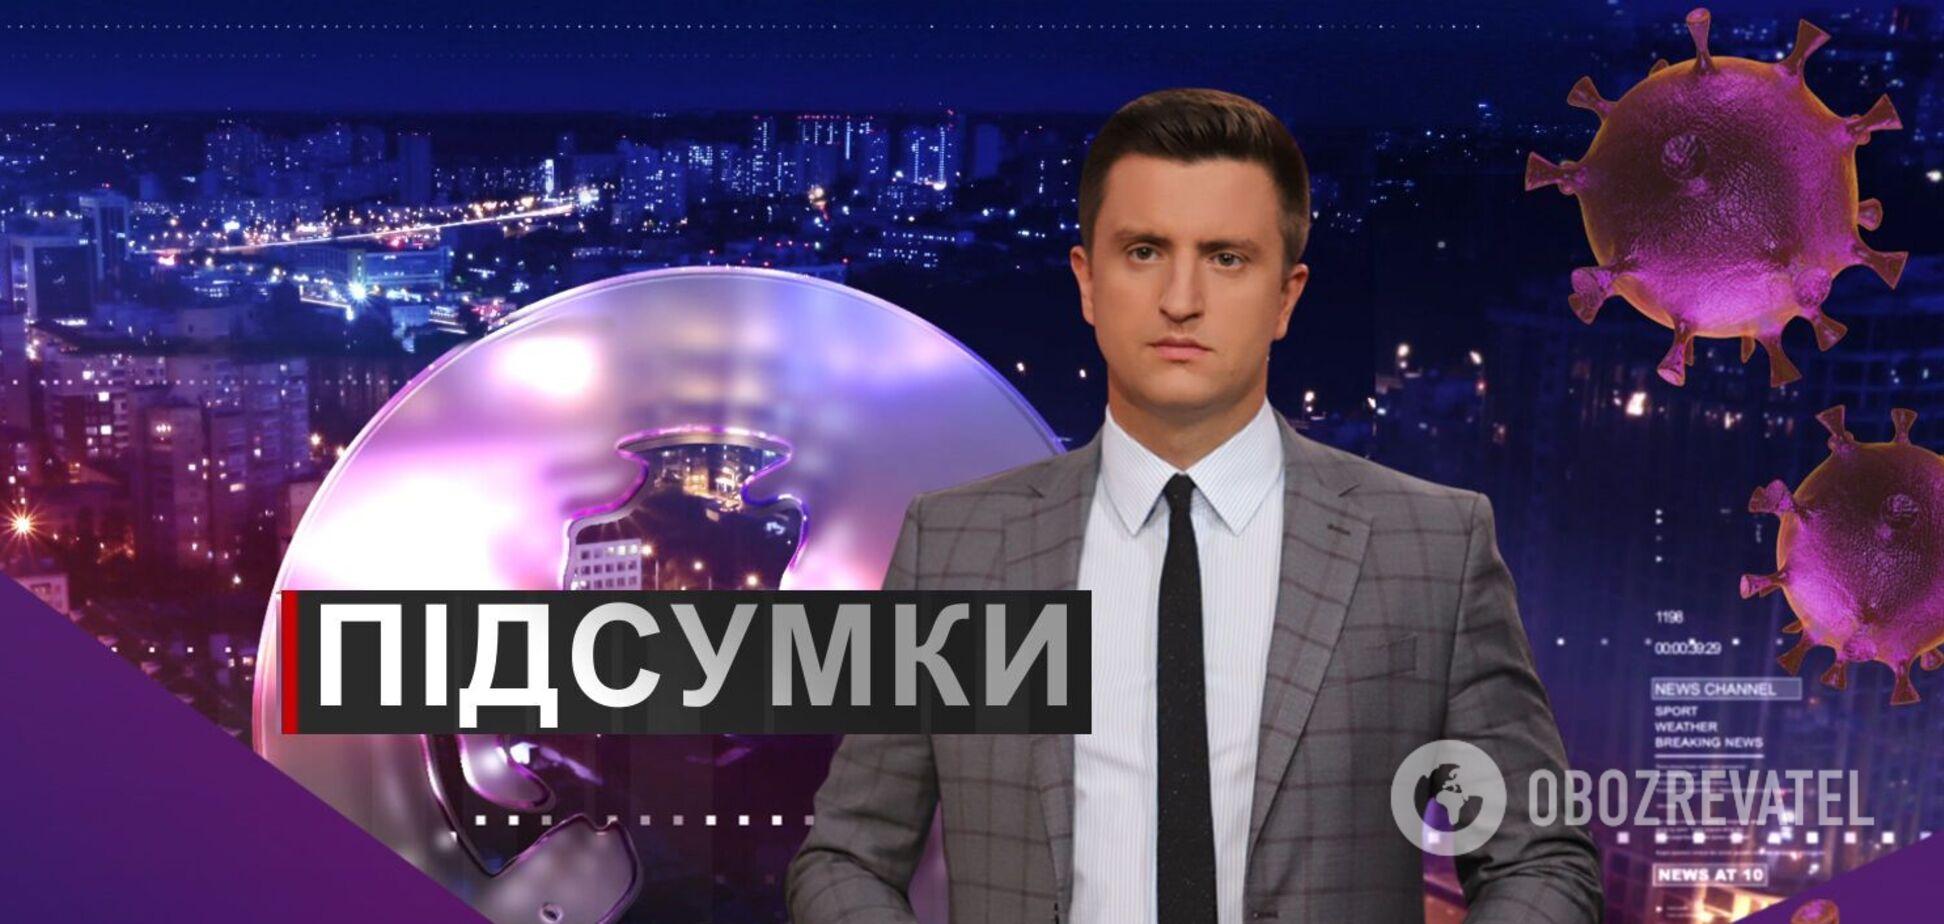 Підсумки дня з Вадимом Колодійчуком. Вівторок, 27 жовтня